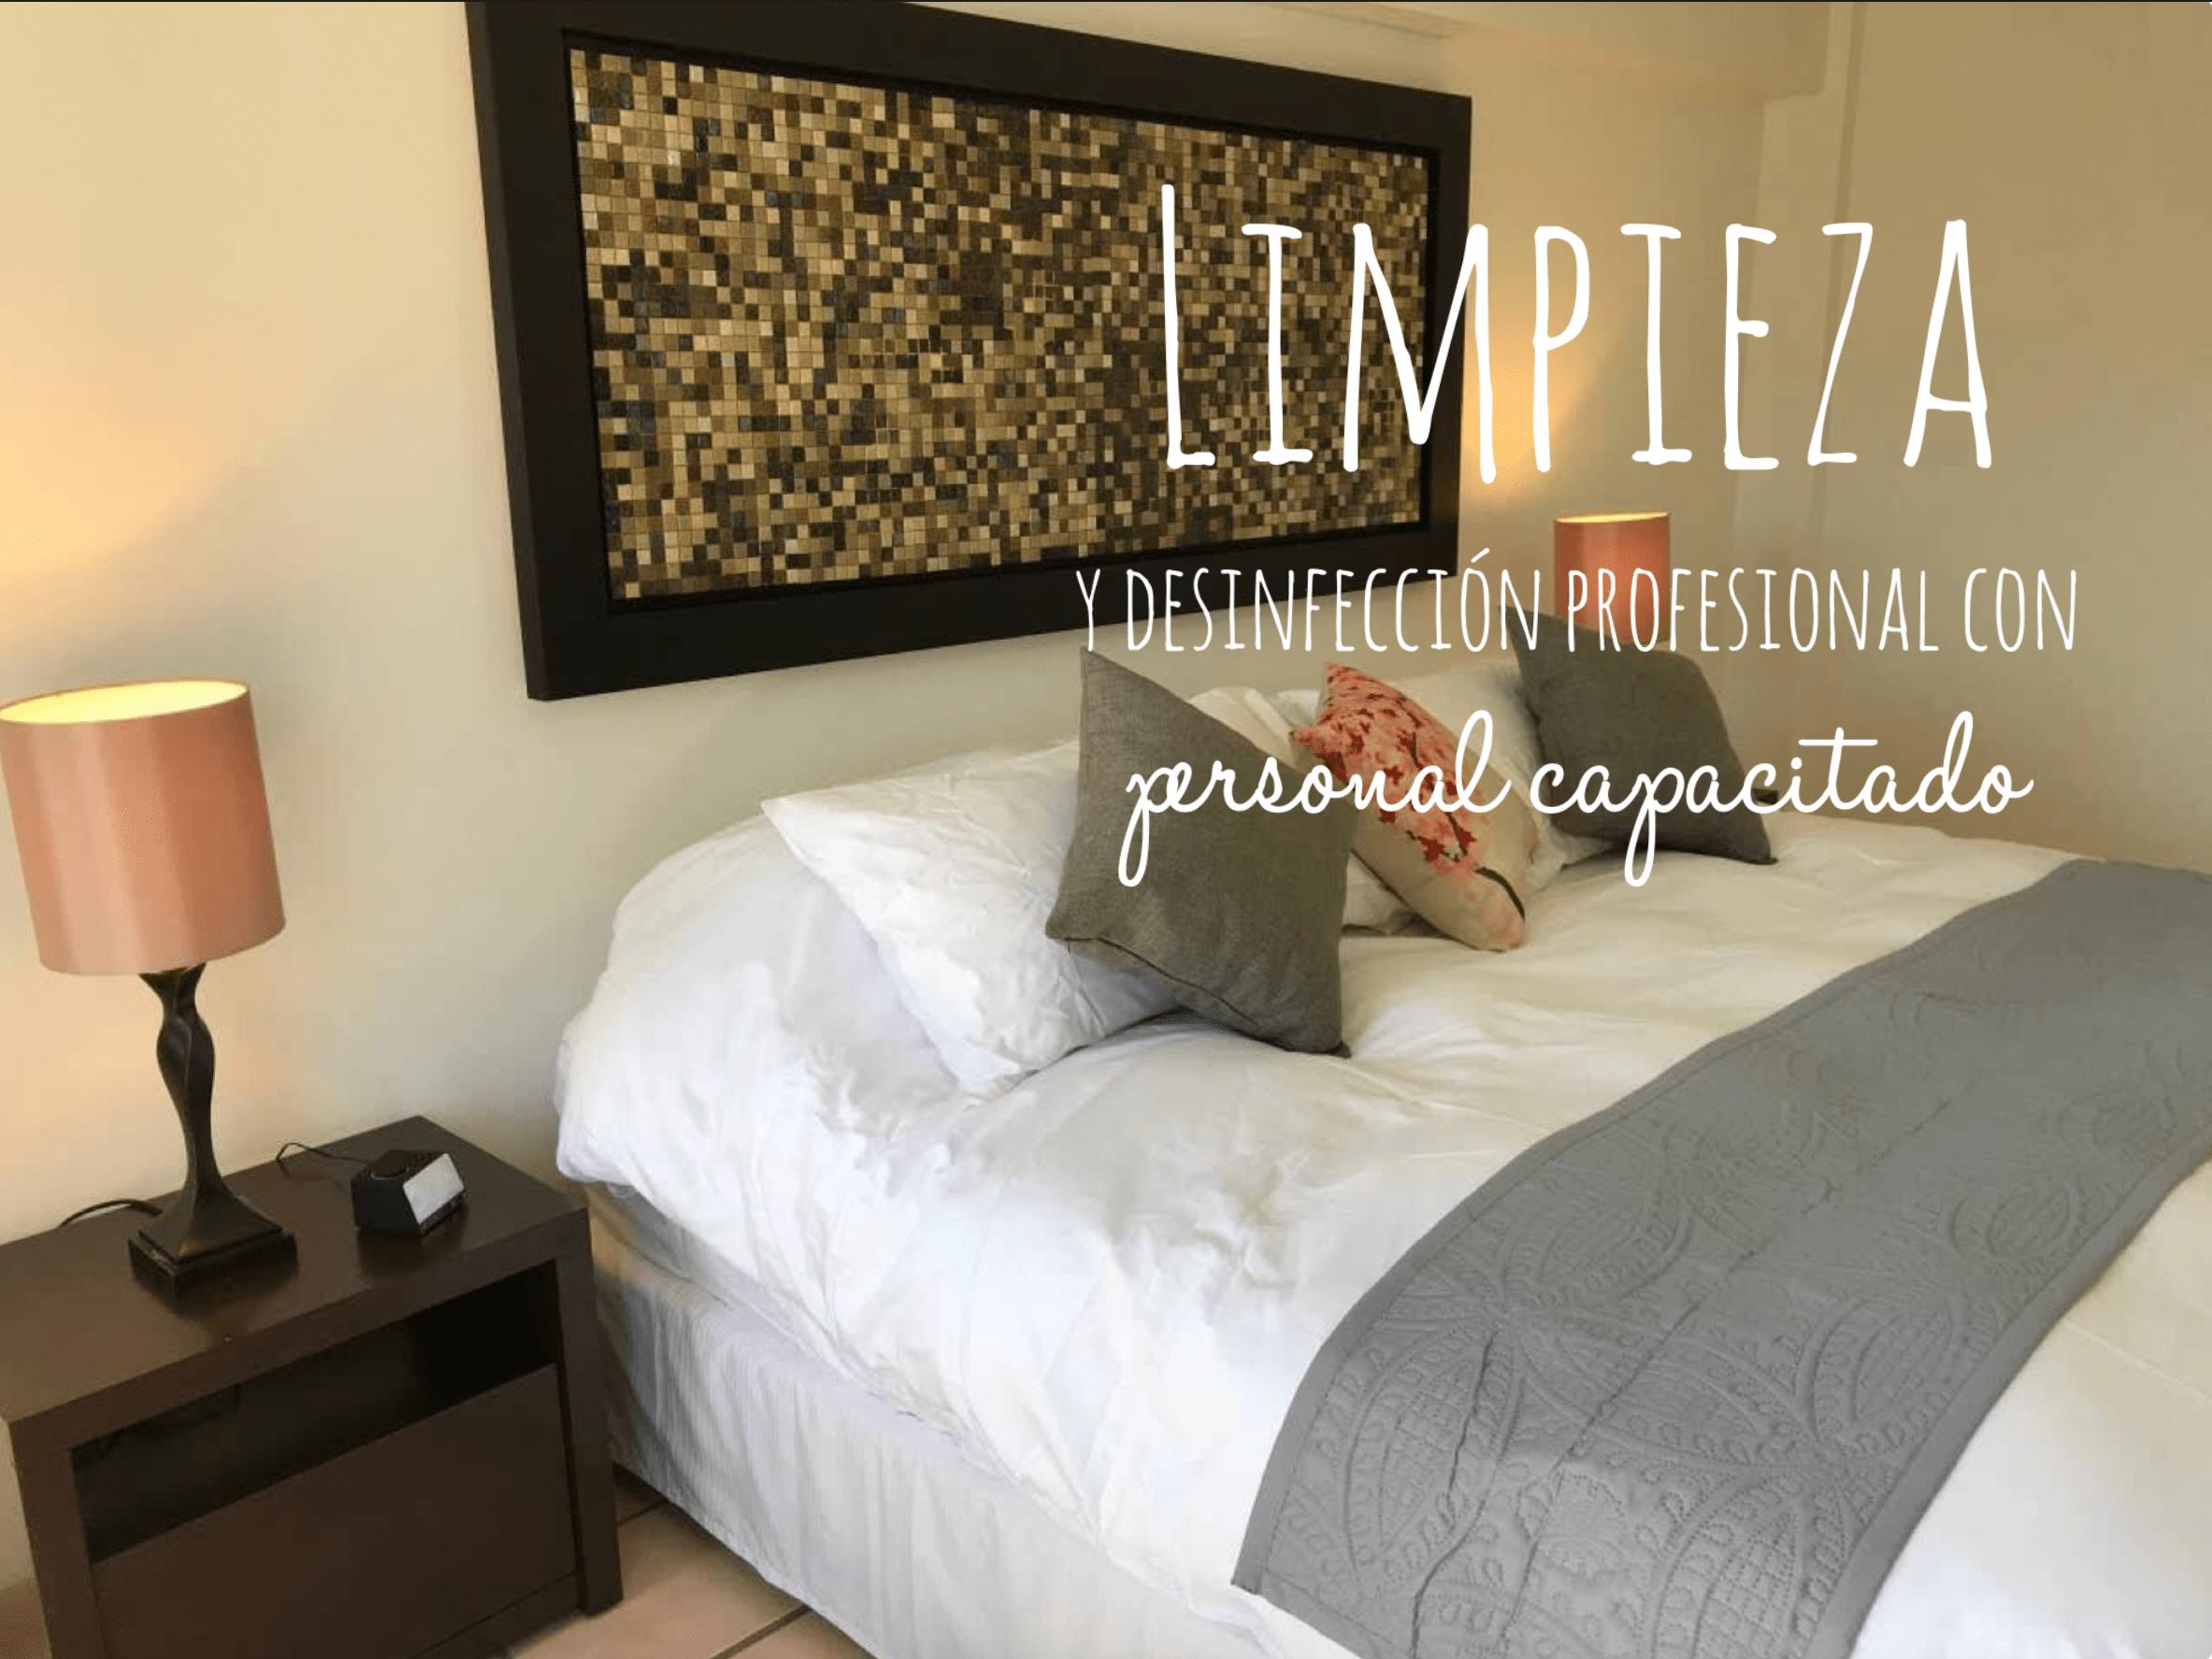 +MS +Confortable Suite +En el corazón de la ciudad +El Prado.